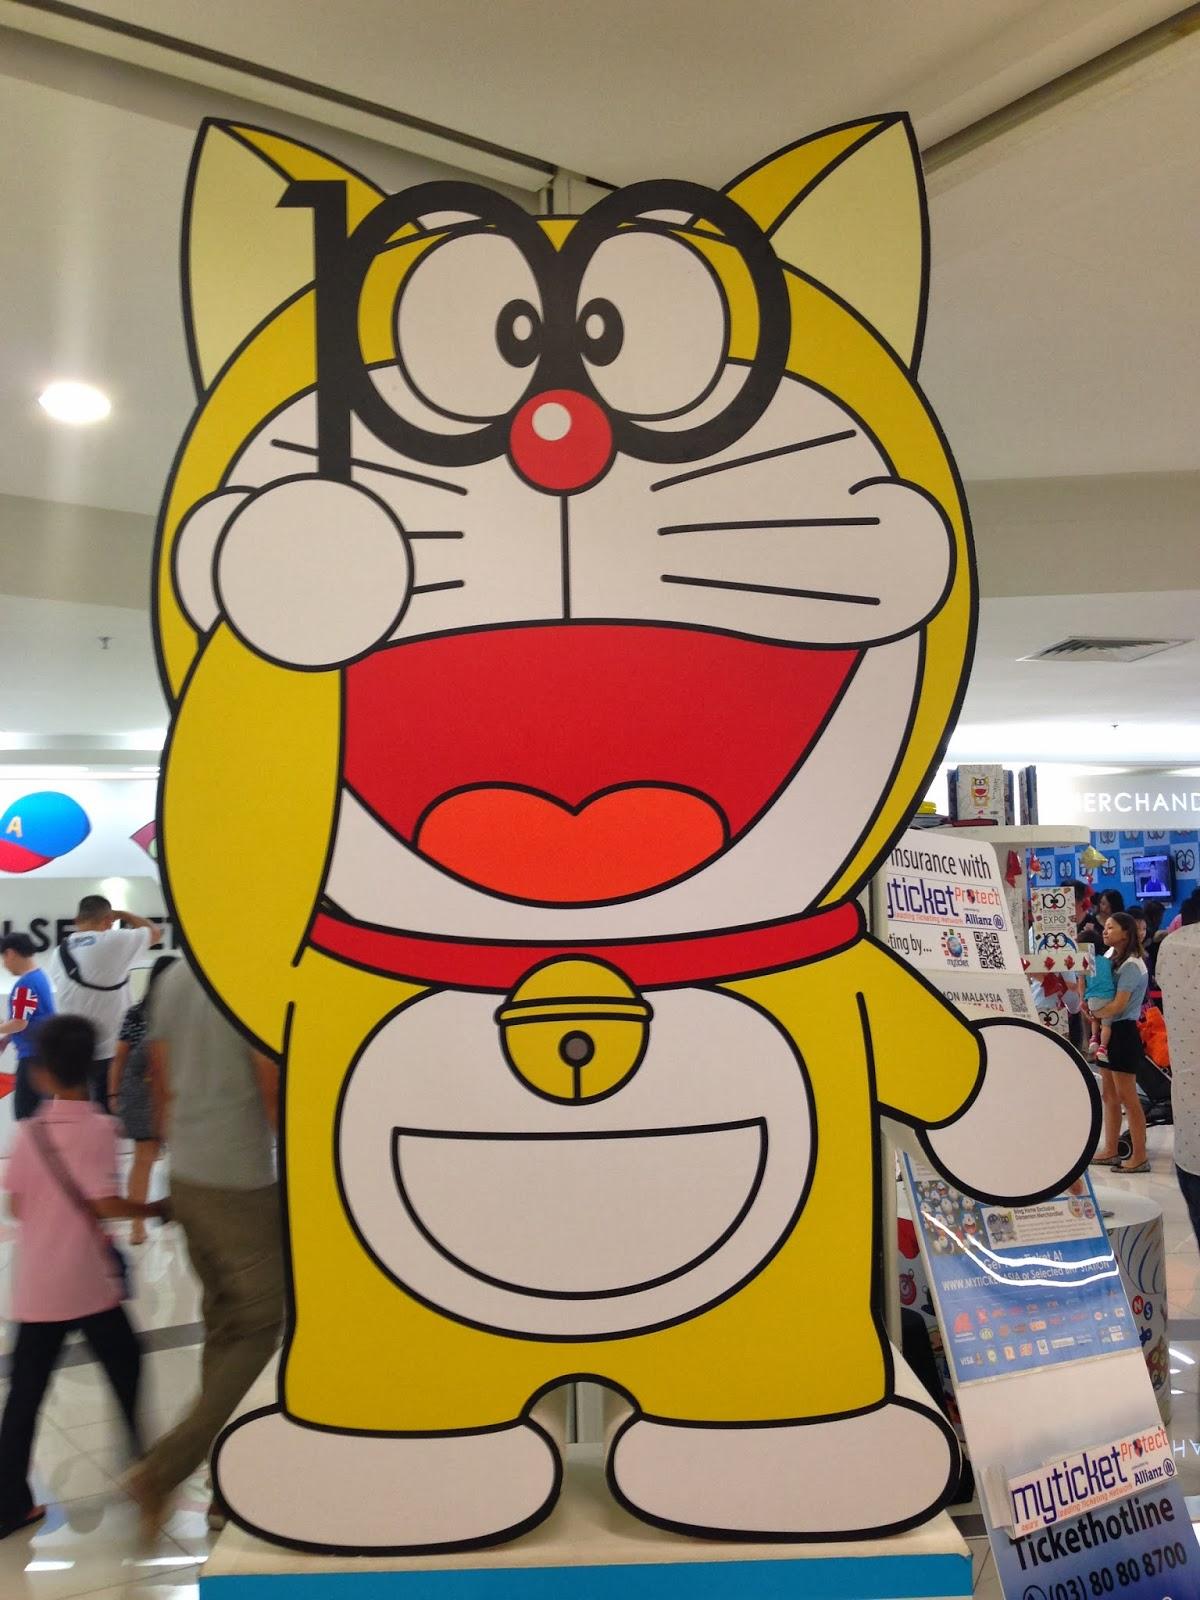 10 Fakta Rahasia Tentang Doraemon Yang Baru Terungkap Tokopedia Blog